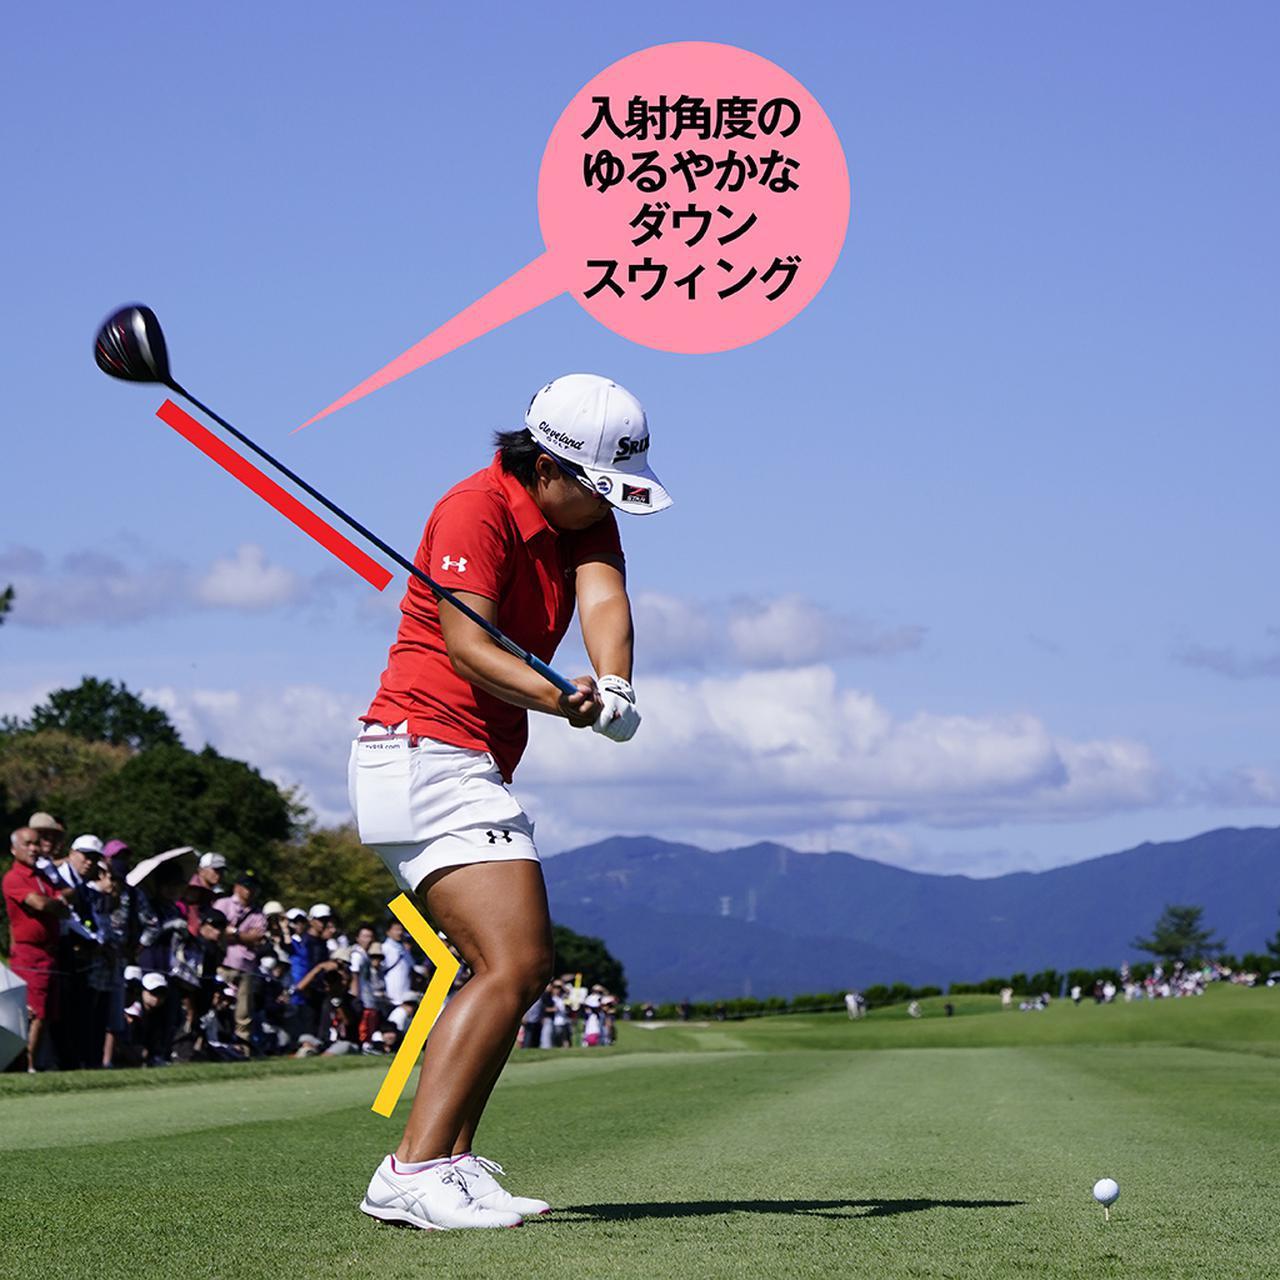 画像14: 【畑岡奈紗】フットワークで腕とクラブを振るパワフルスウィング! 目指すは世界ランキングナンバー1